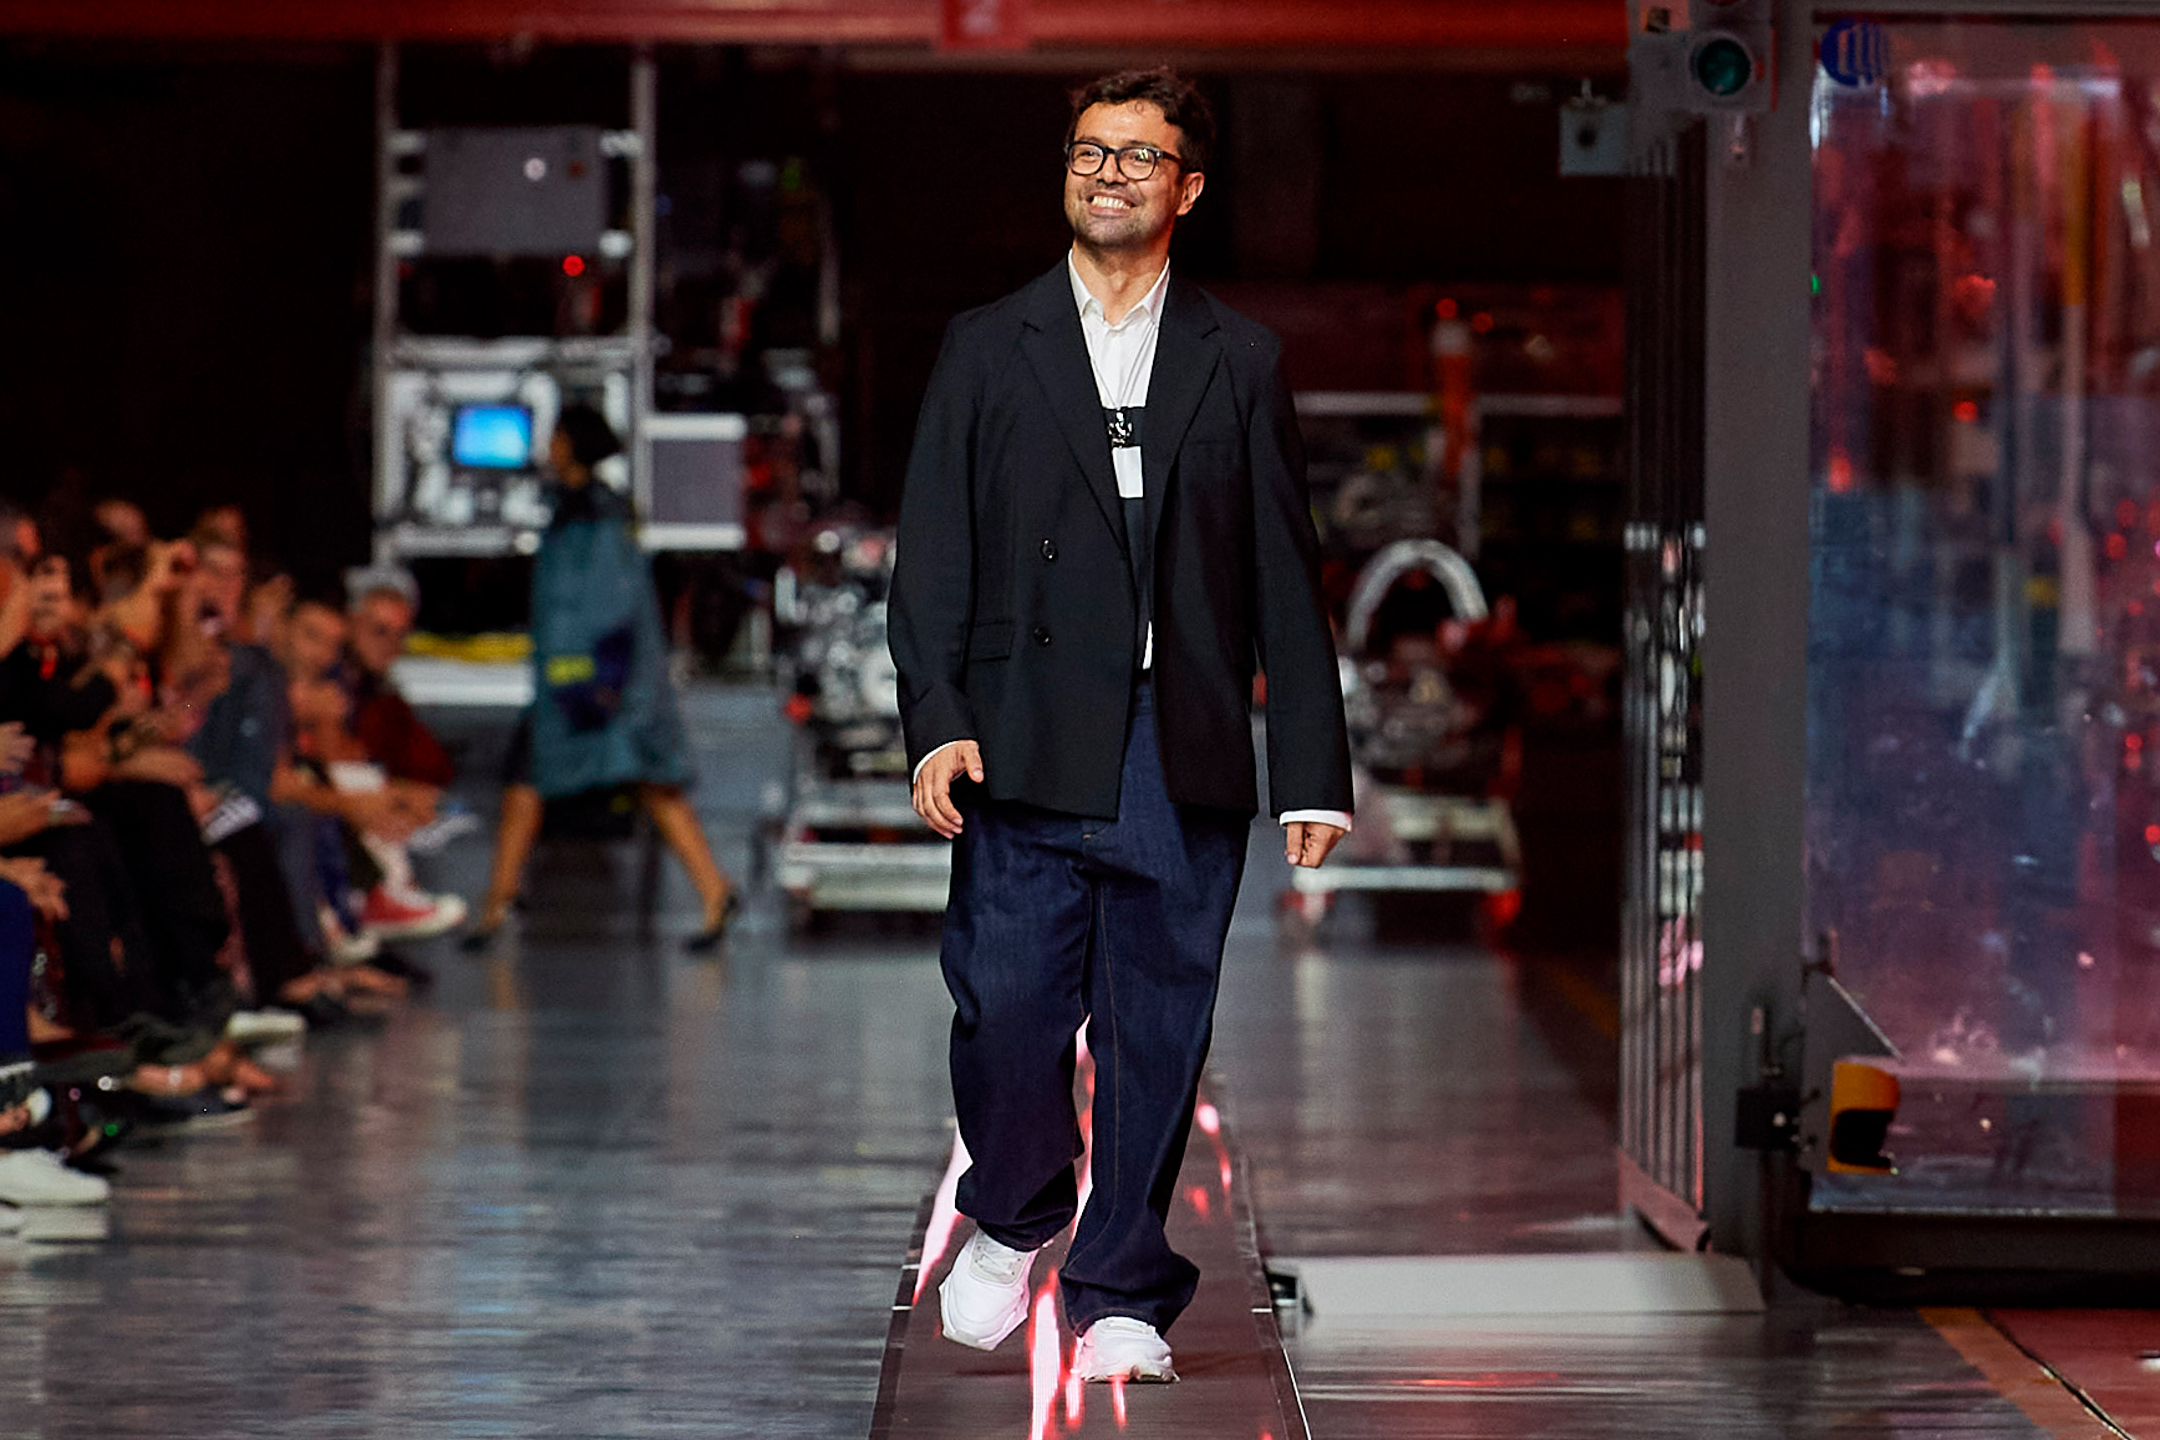 Ferrari fashion show - 1st collection - 2021-fashion designer Rocco Iannone - finish catwalk - cropped foto by Filippo Fior